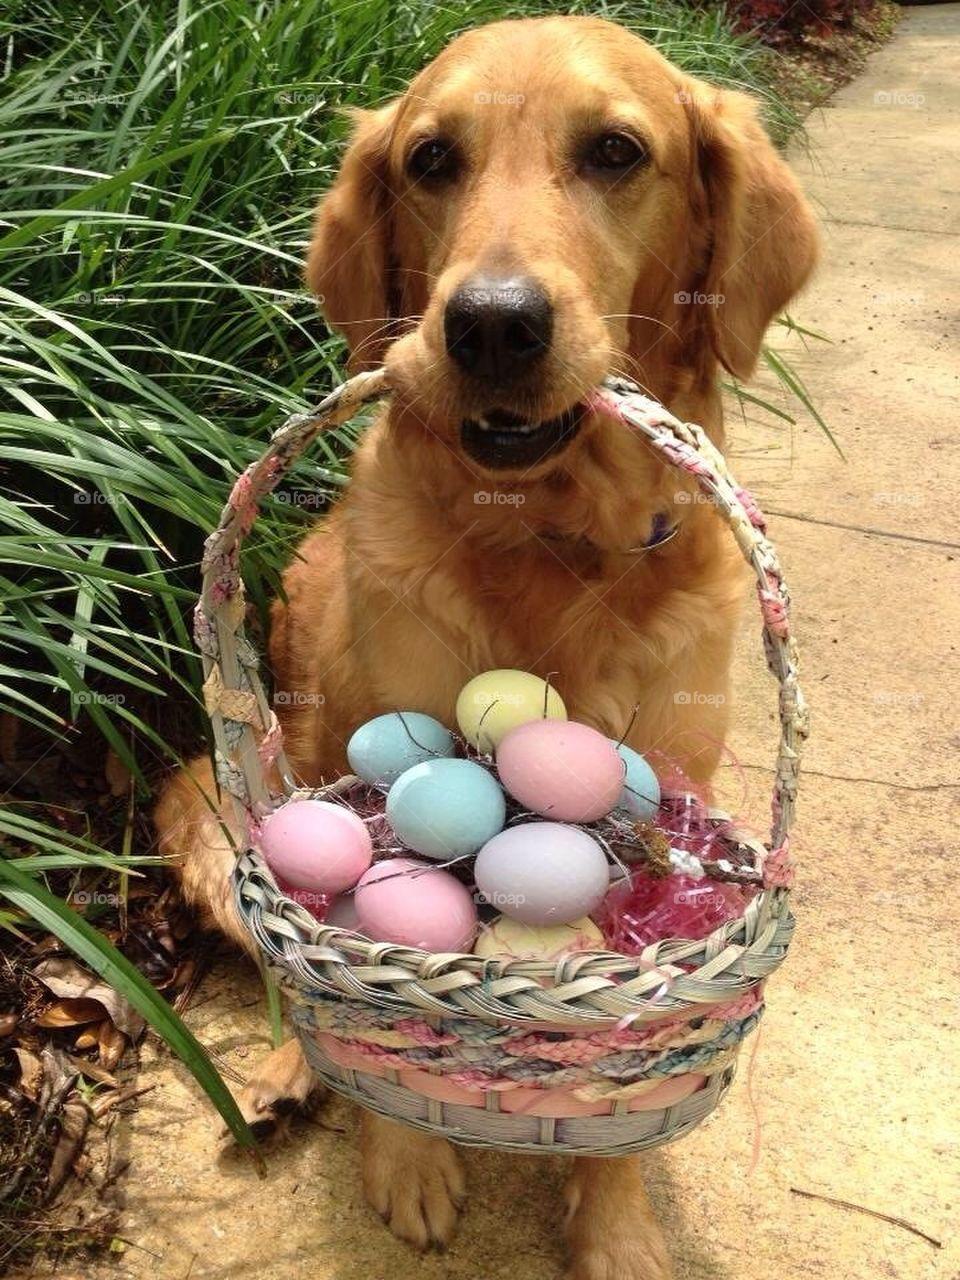 Easter basket dog